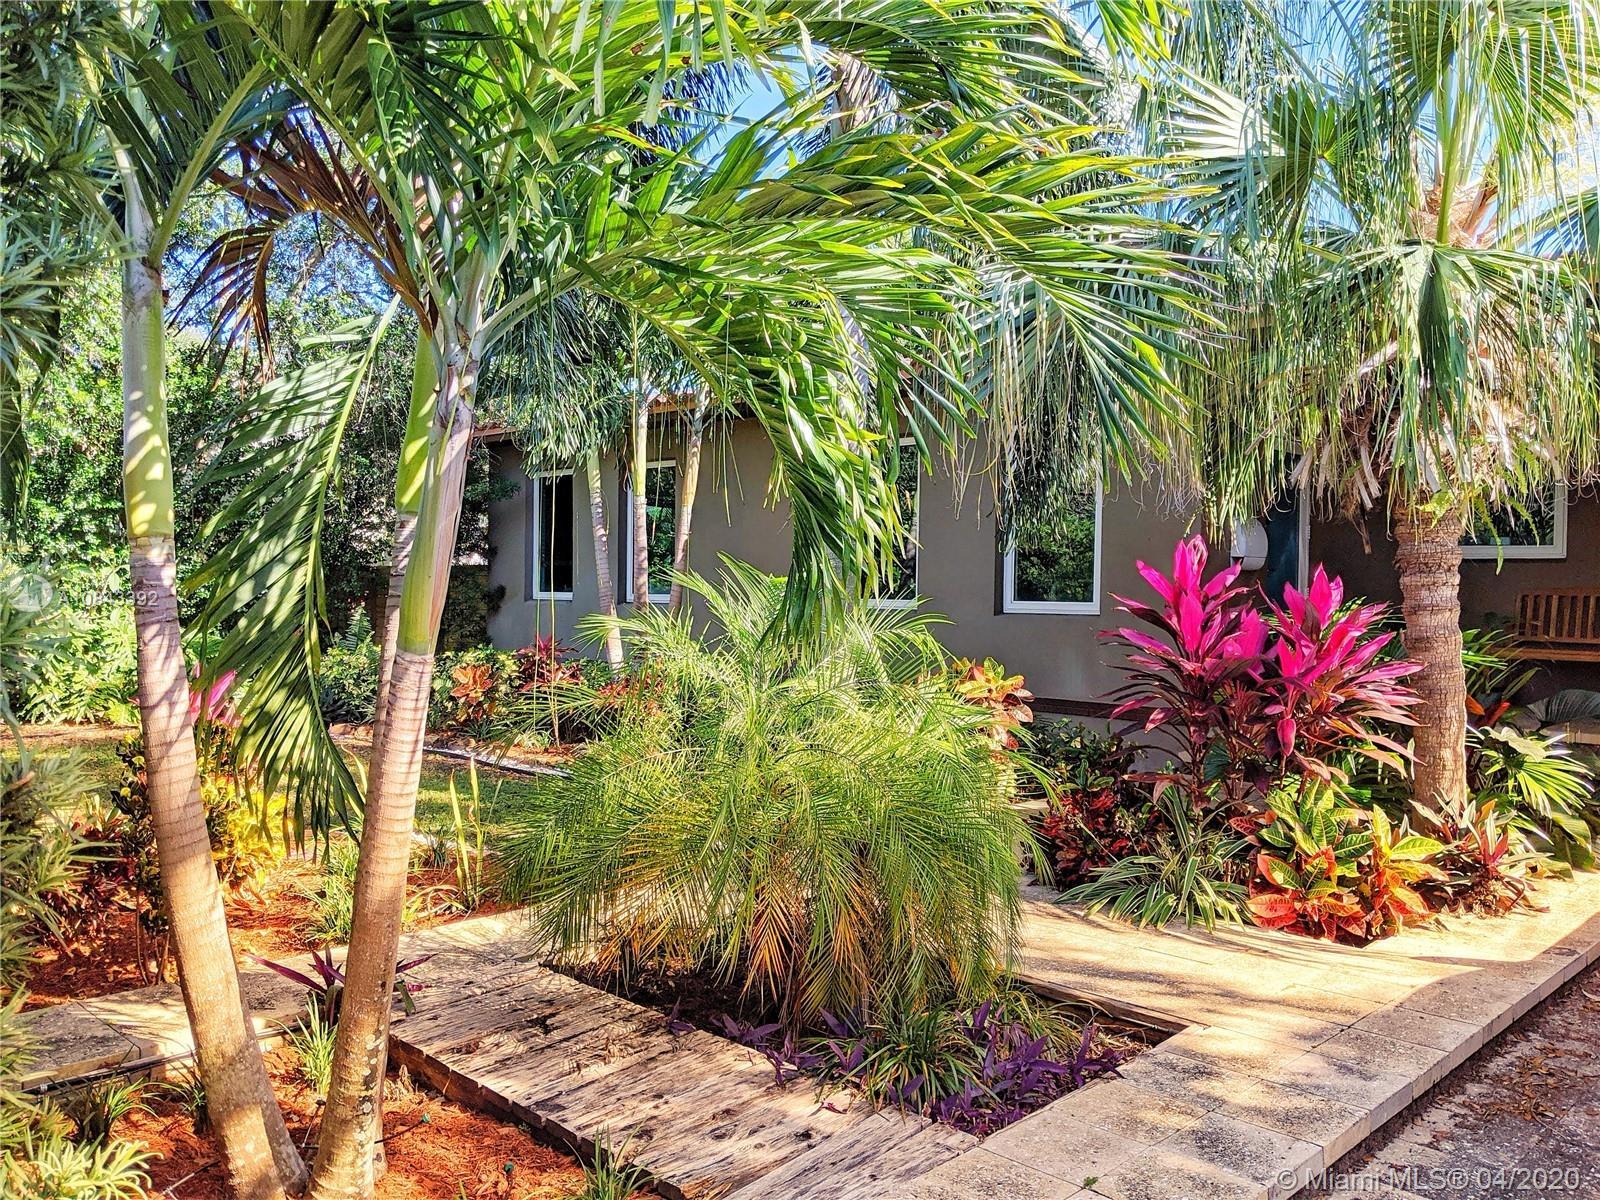 670 NE 114th St, Biscayne Park, FL 33161 - Biscayne Park, FL real estate listing